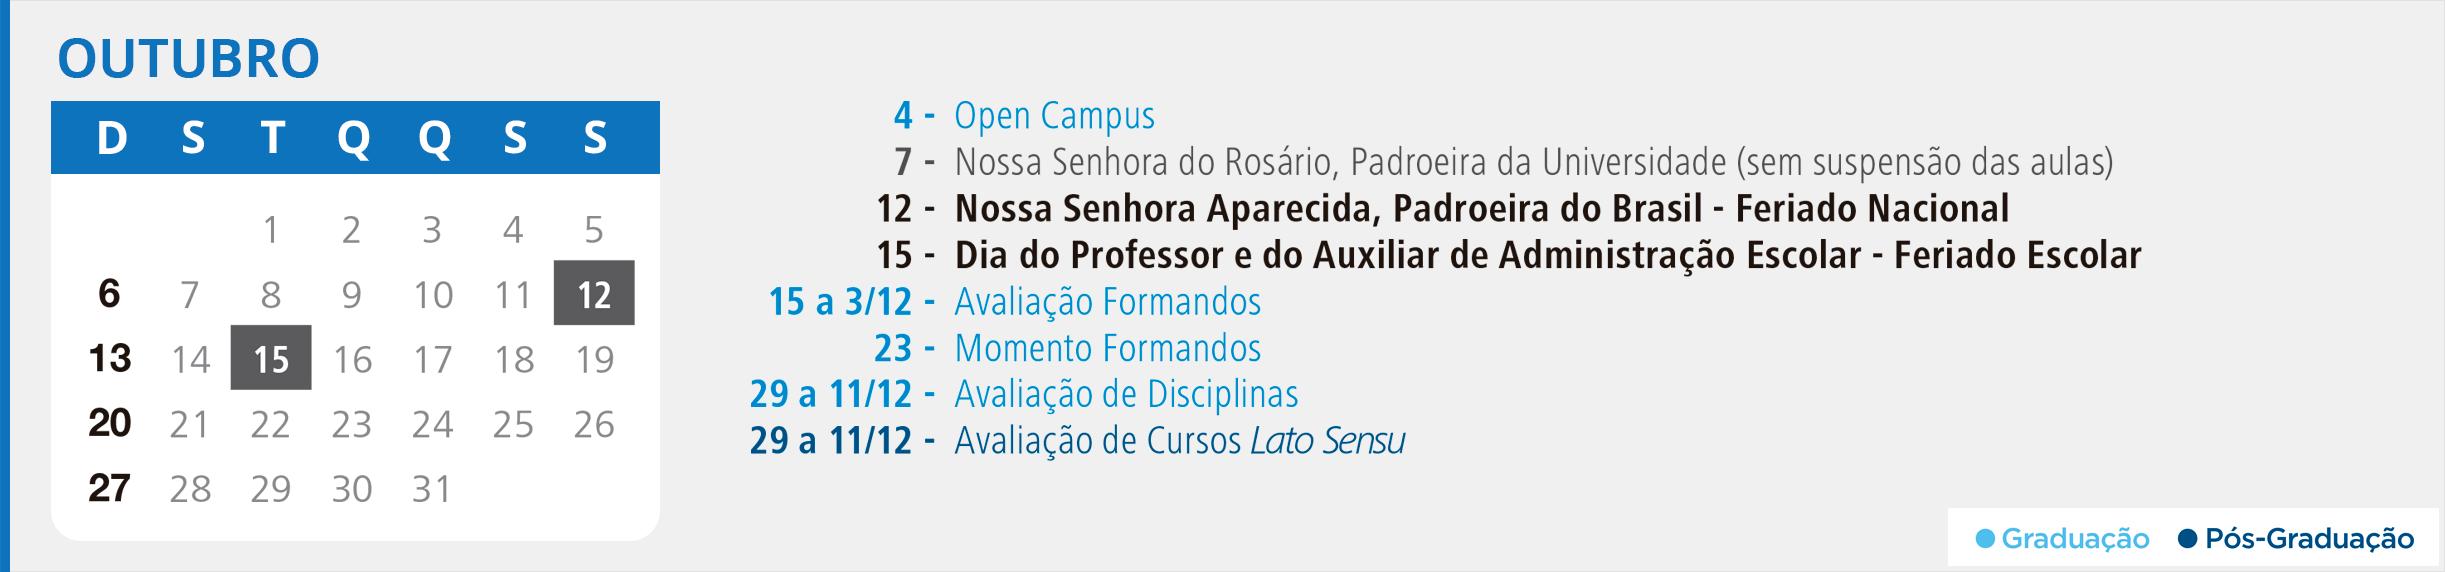 Calendário Acadêmico PUCRS - Mês de Outubro